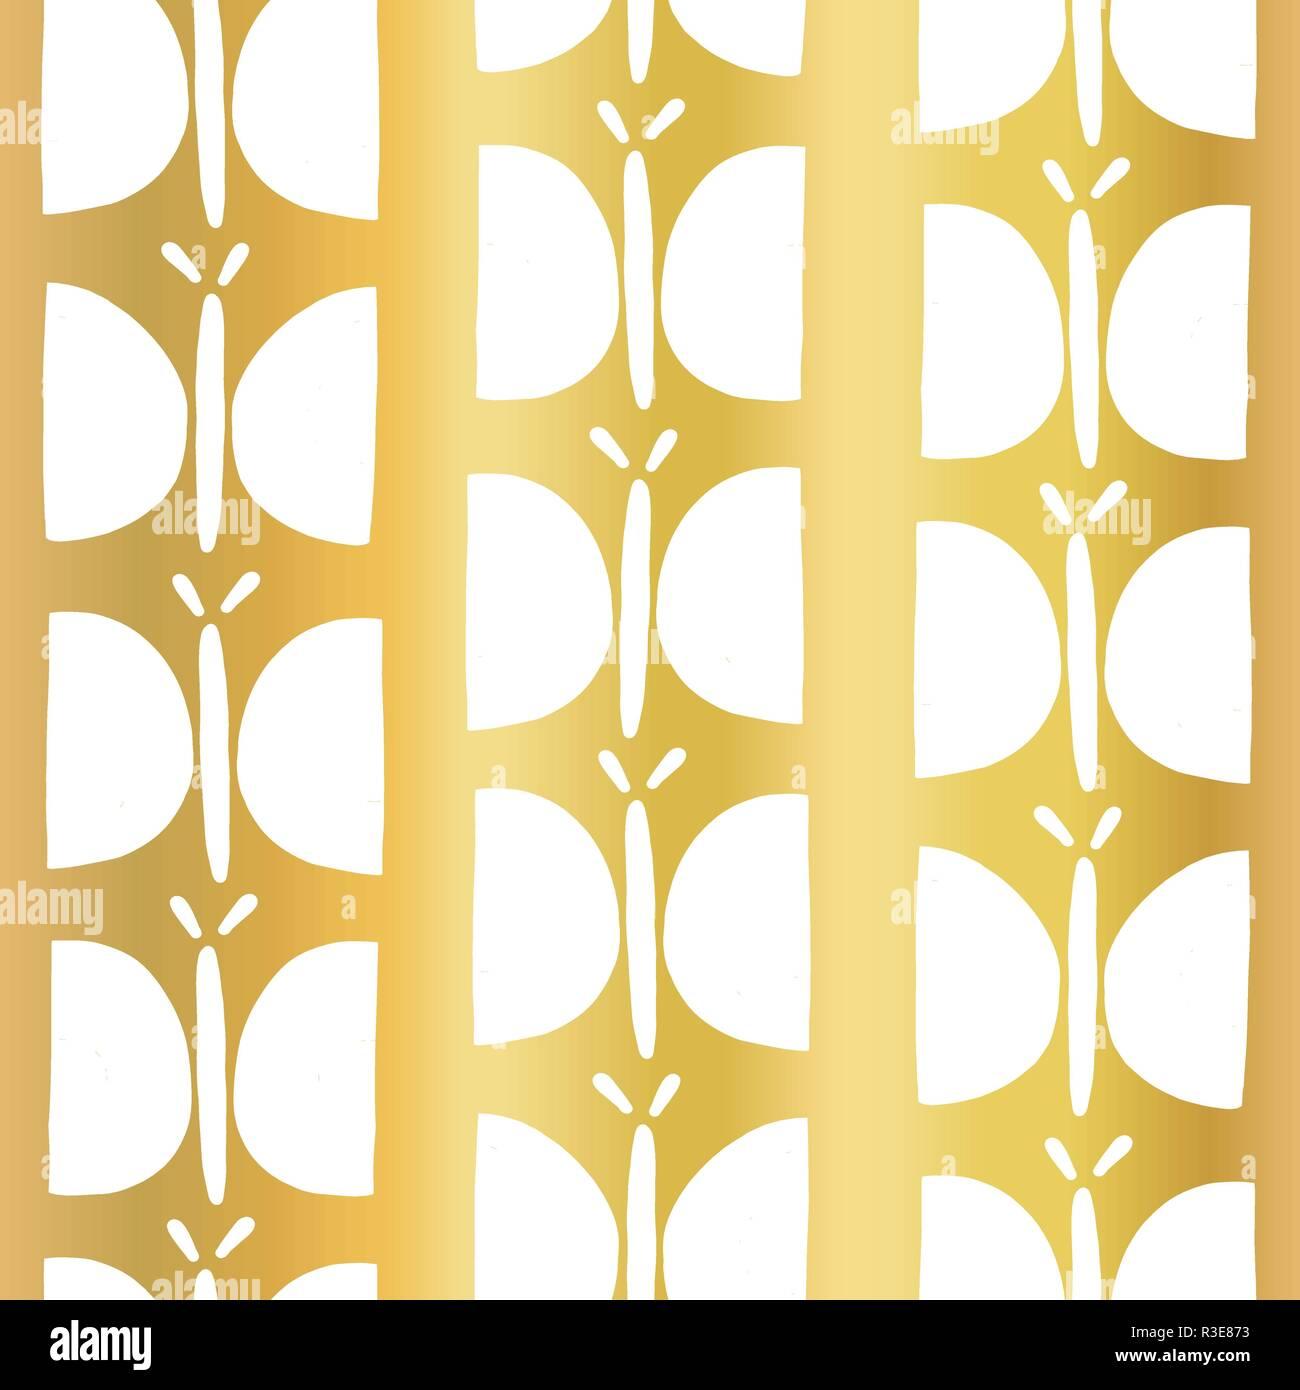 cd0689c2de Di lamina di oro senza giunture a farfalla disegno vettoriale. Bianco  disegnati a mano farfalle